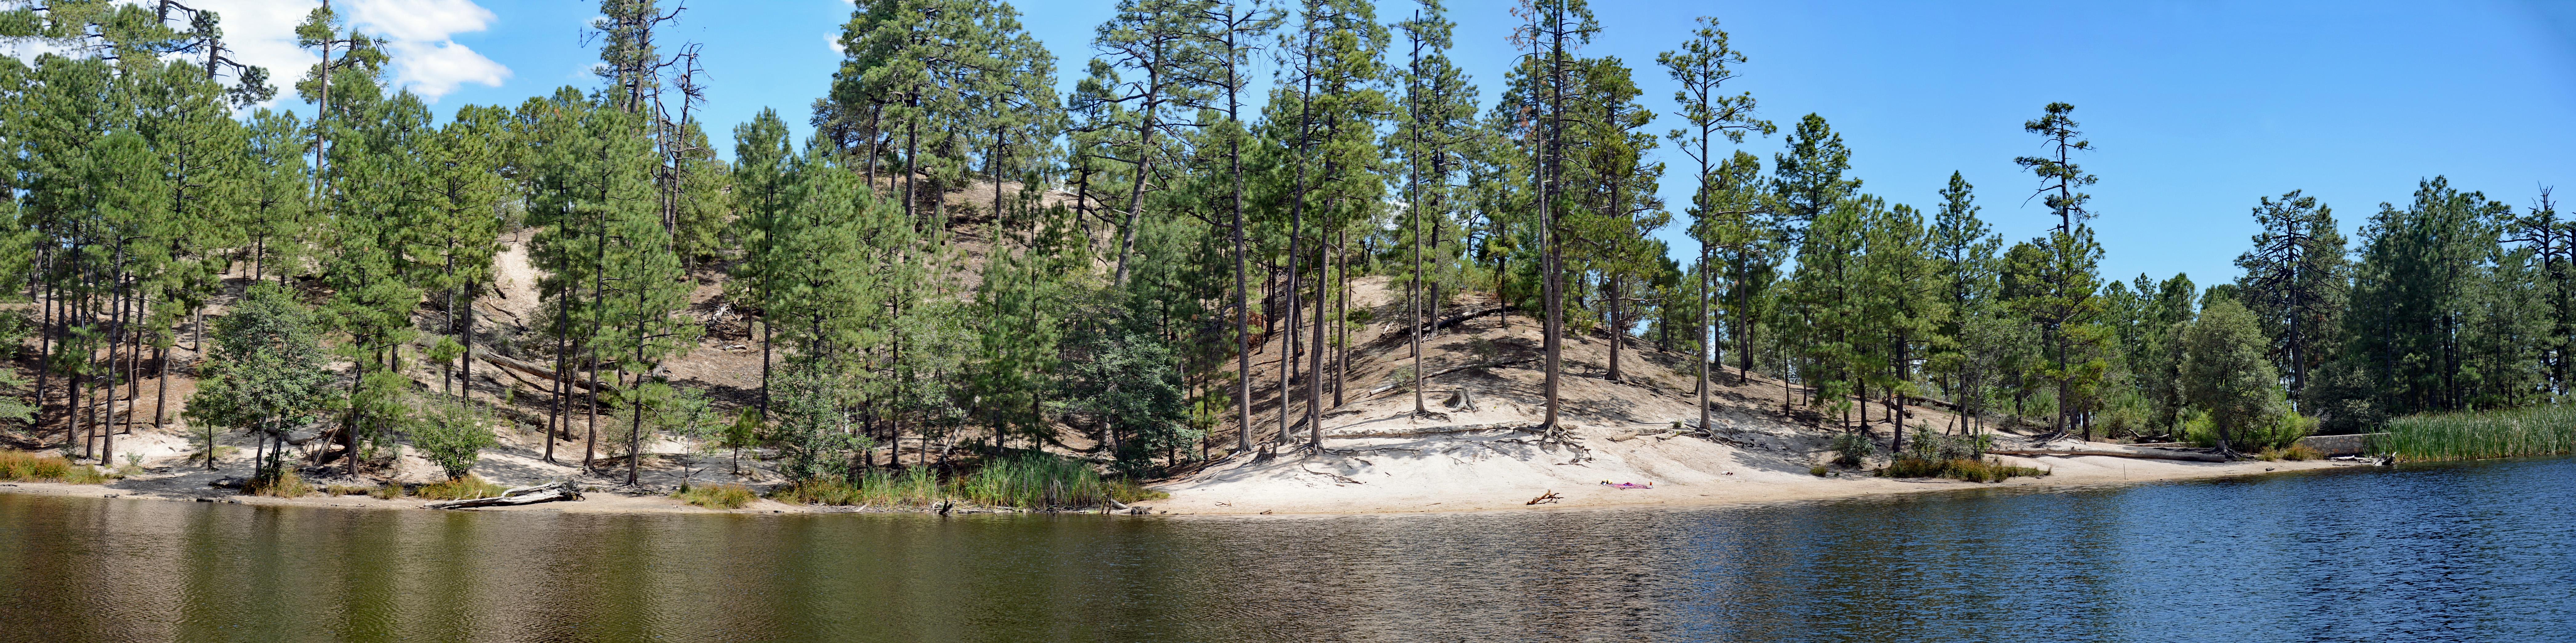 Rose Canyon Lake Pano 2_edited-1